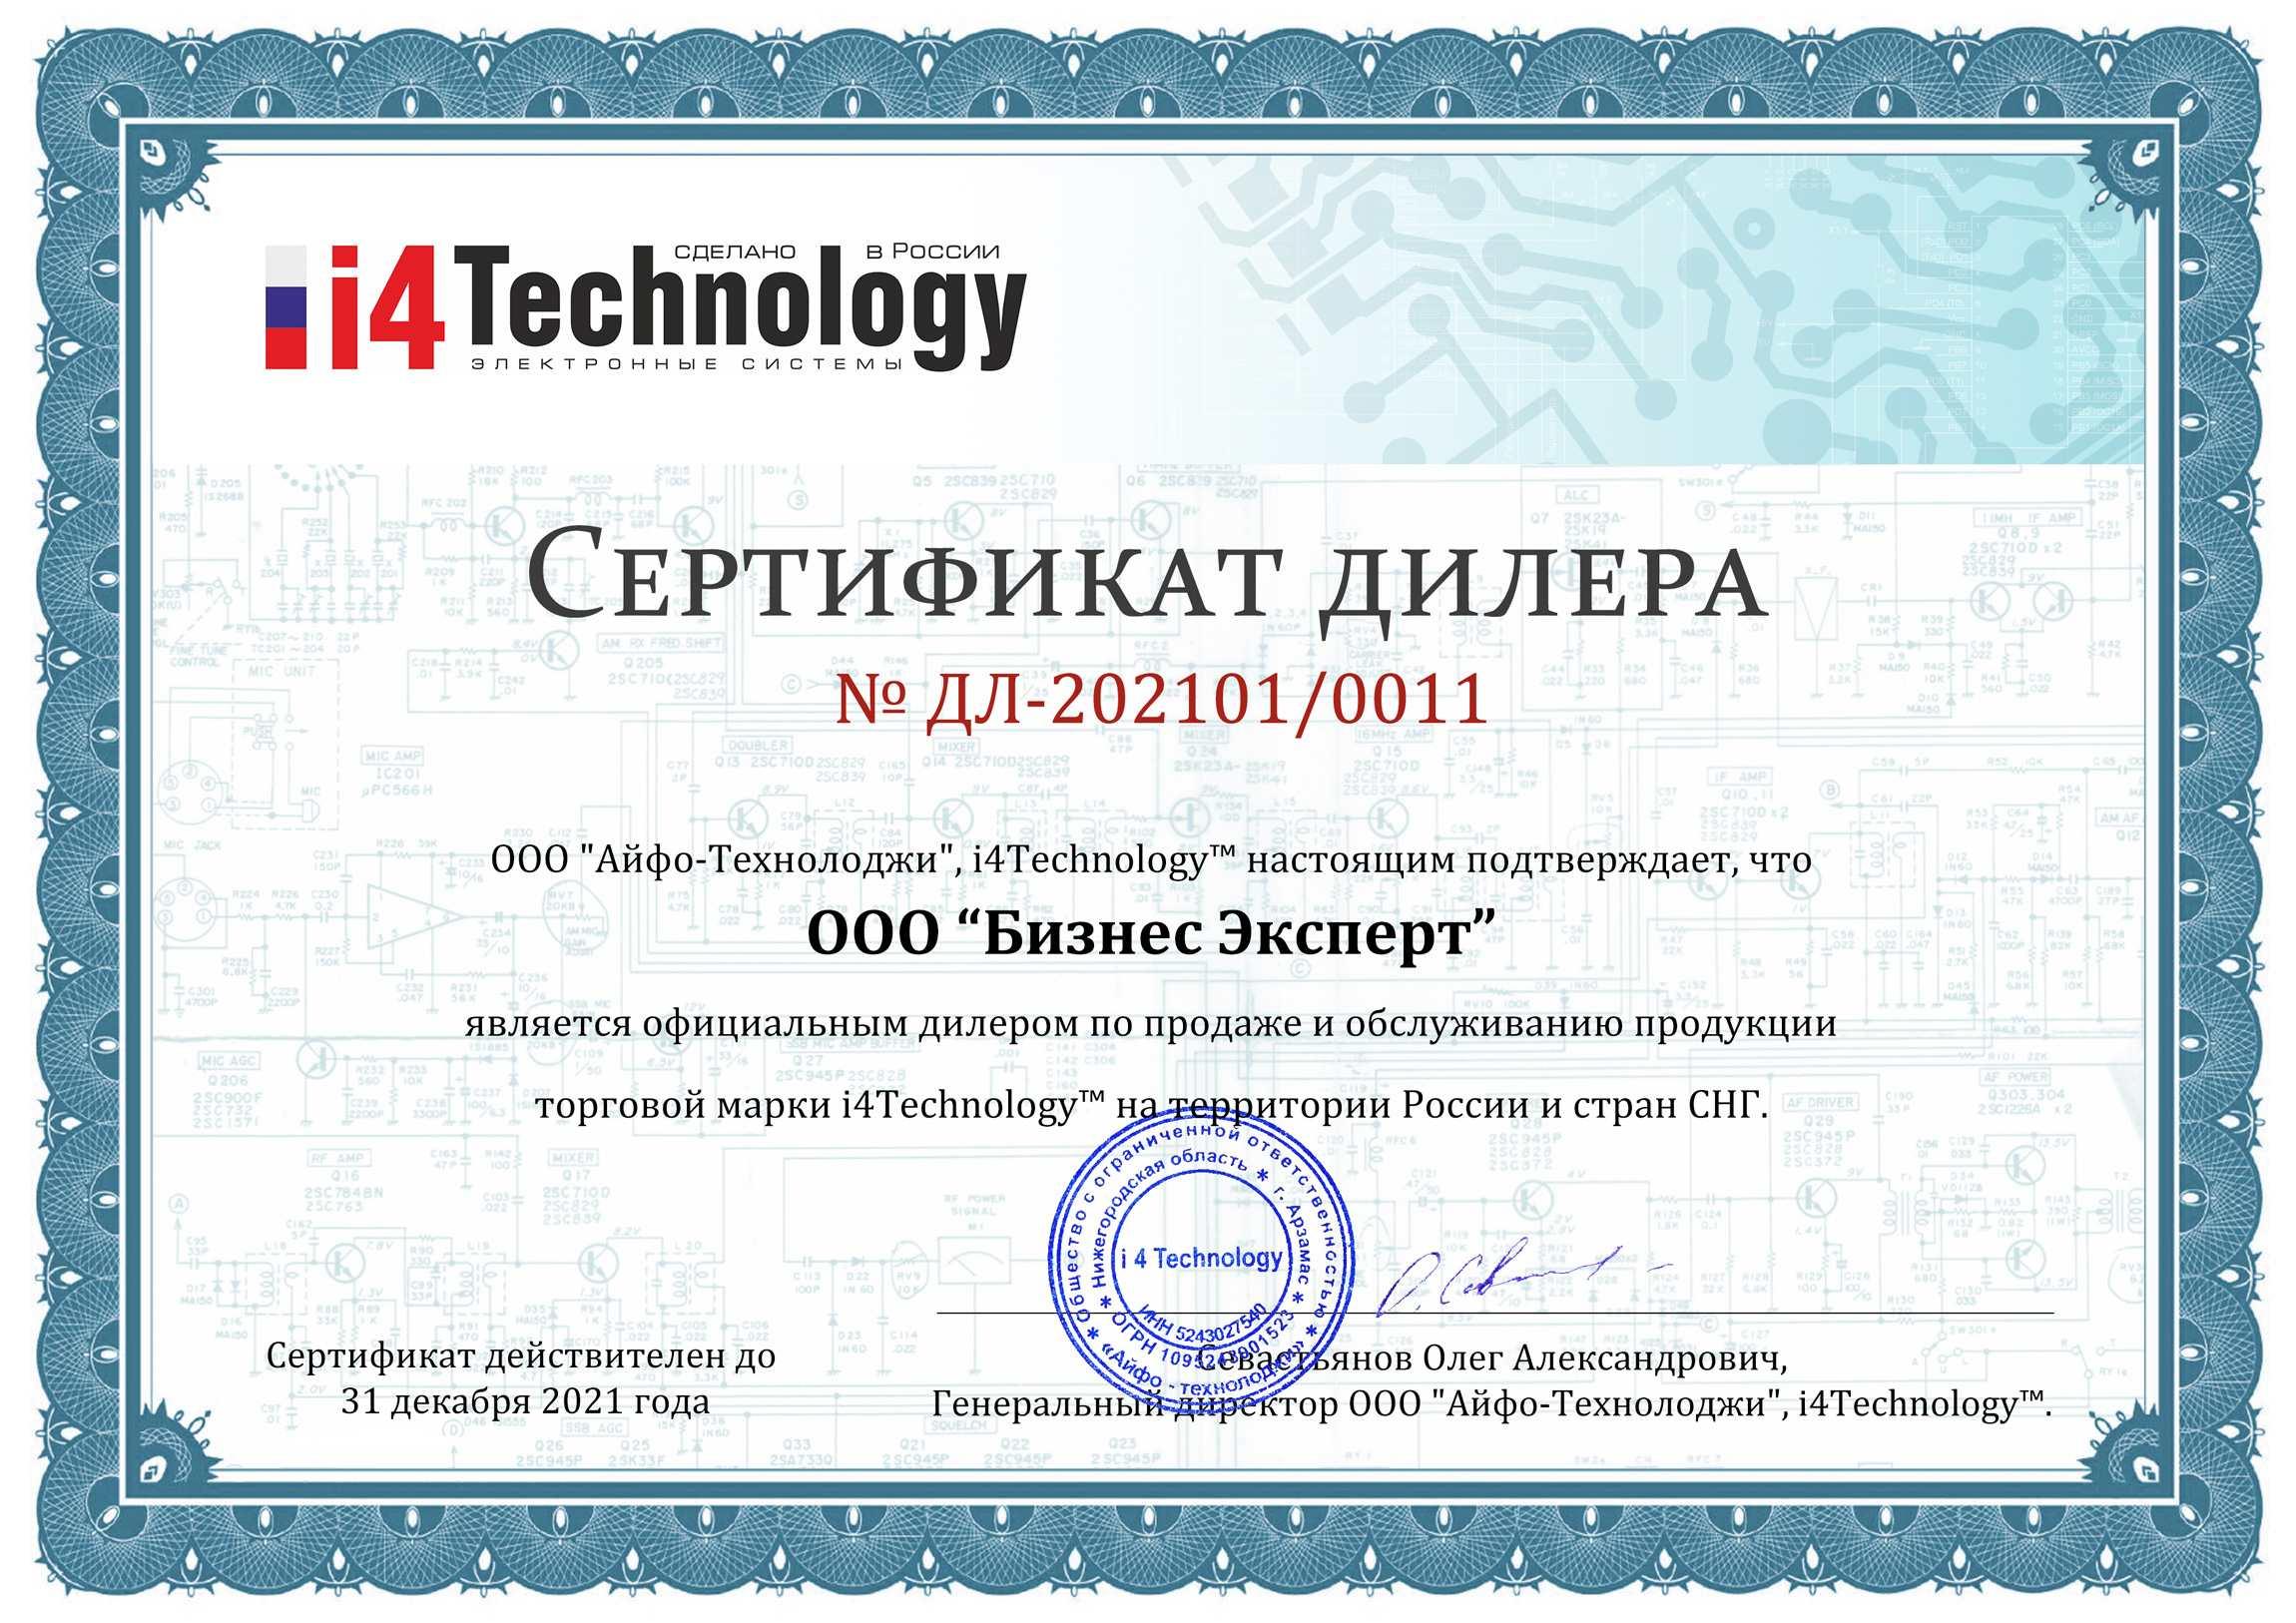 Сертификат дилера на продажу и обслуживание продукции компании i4Technology в России и СНГ